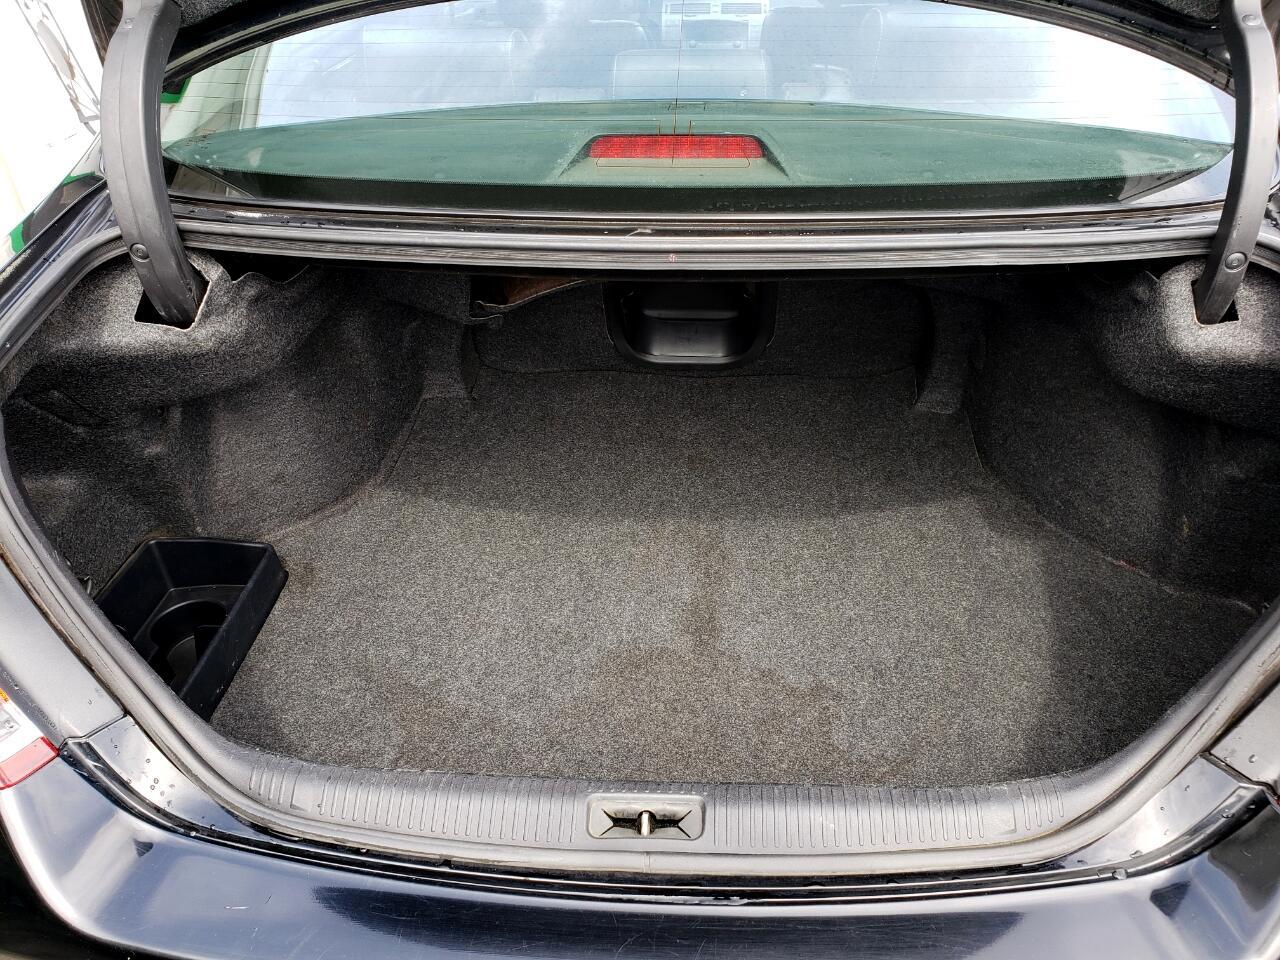 Toyota Avalon 4dr Sdn Touring (Natl) 2007